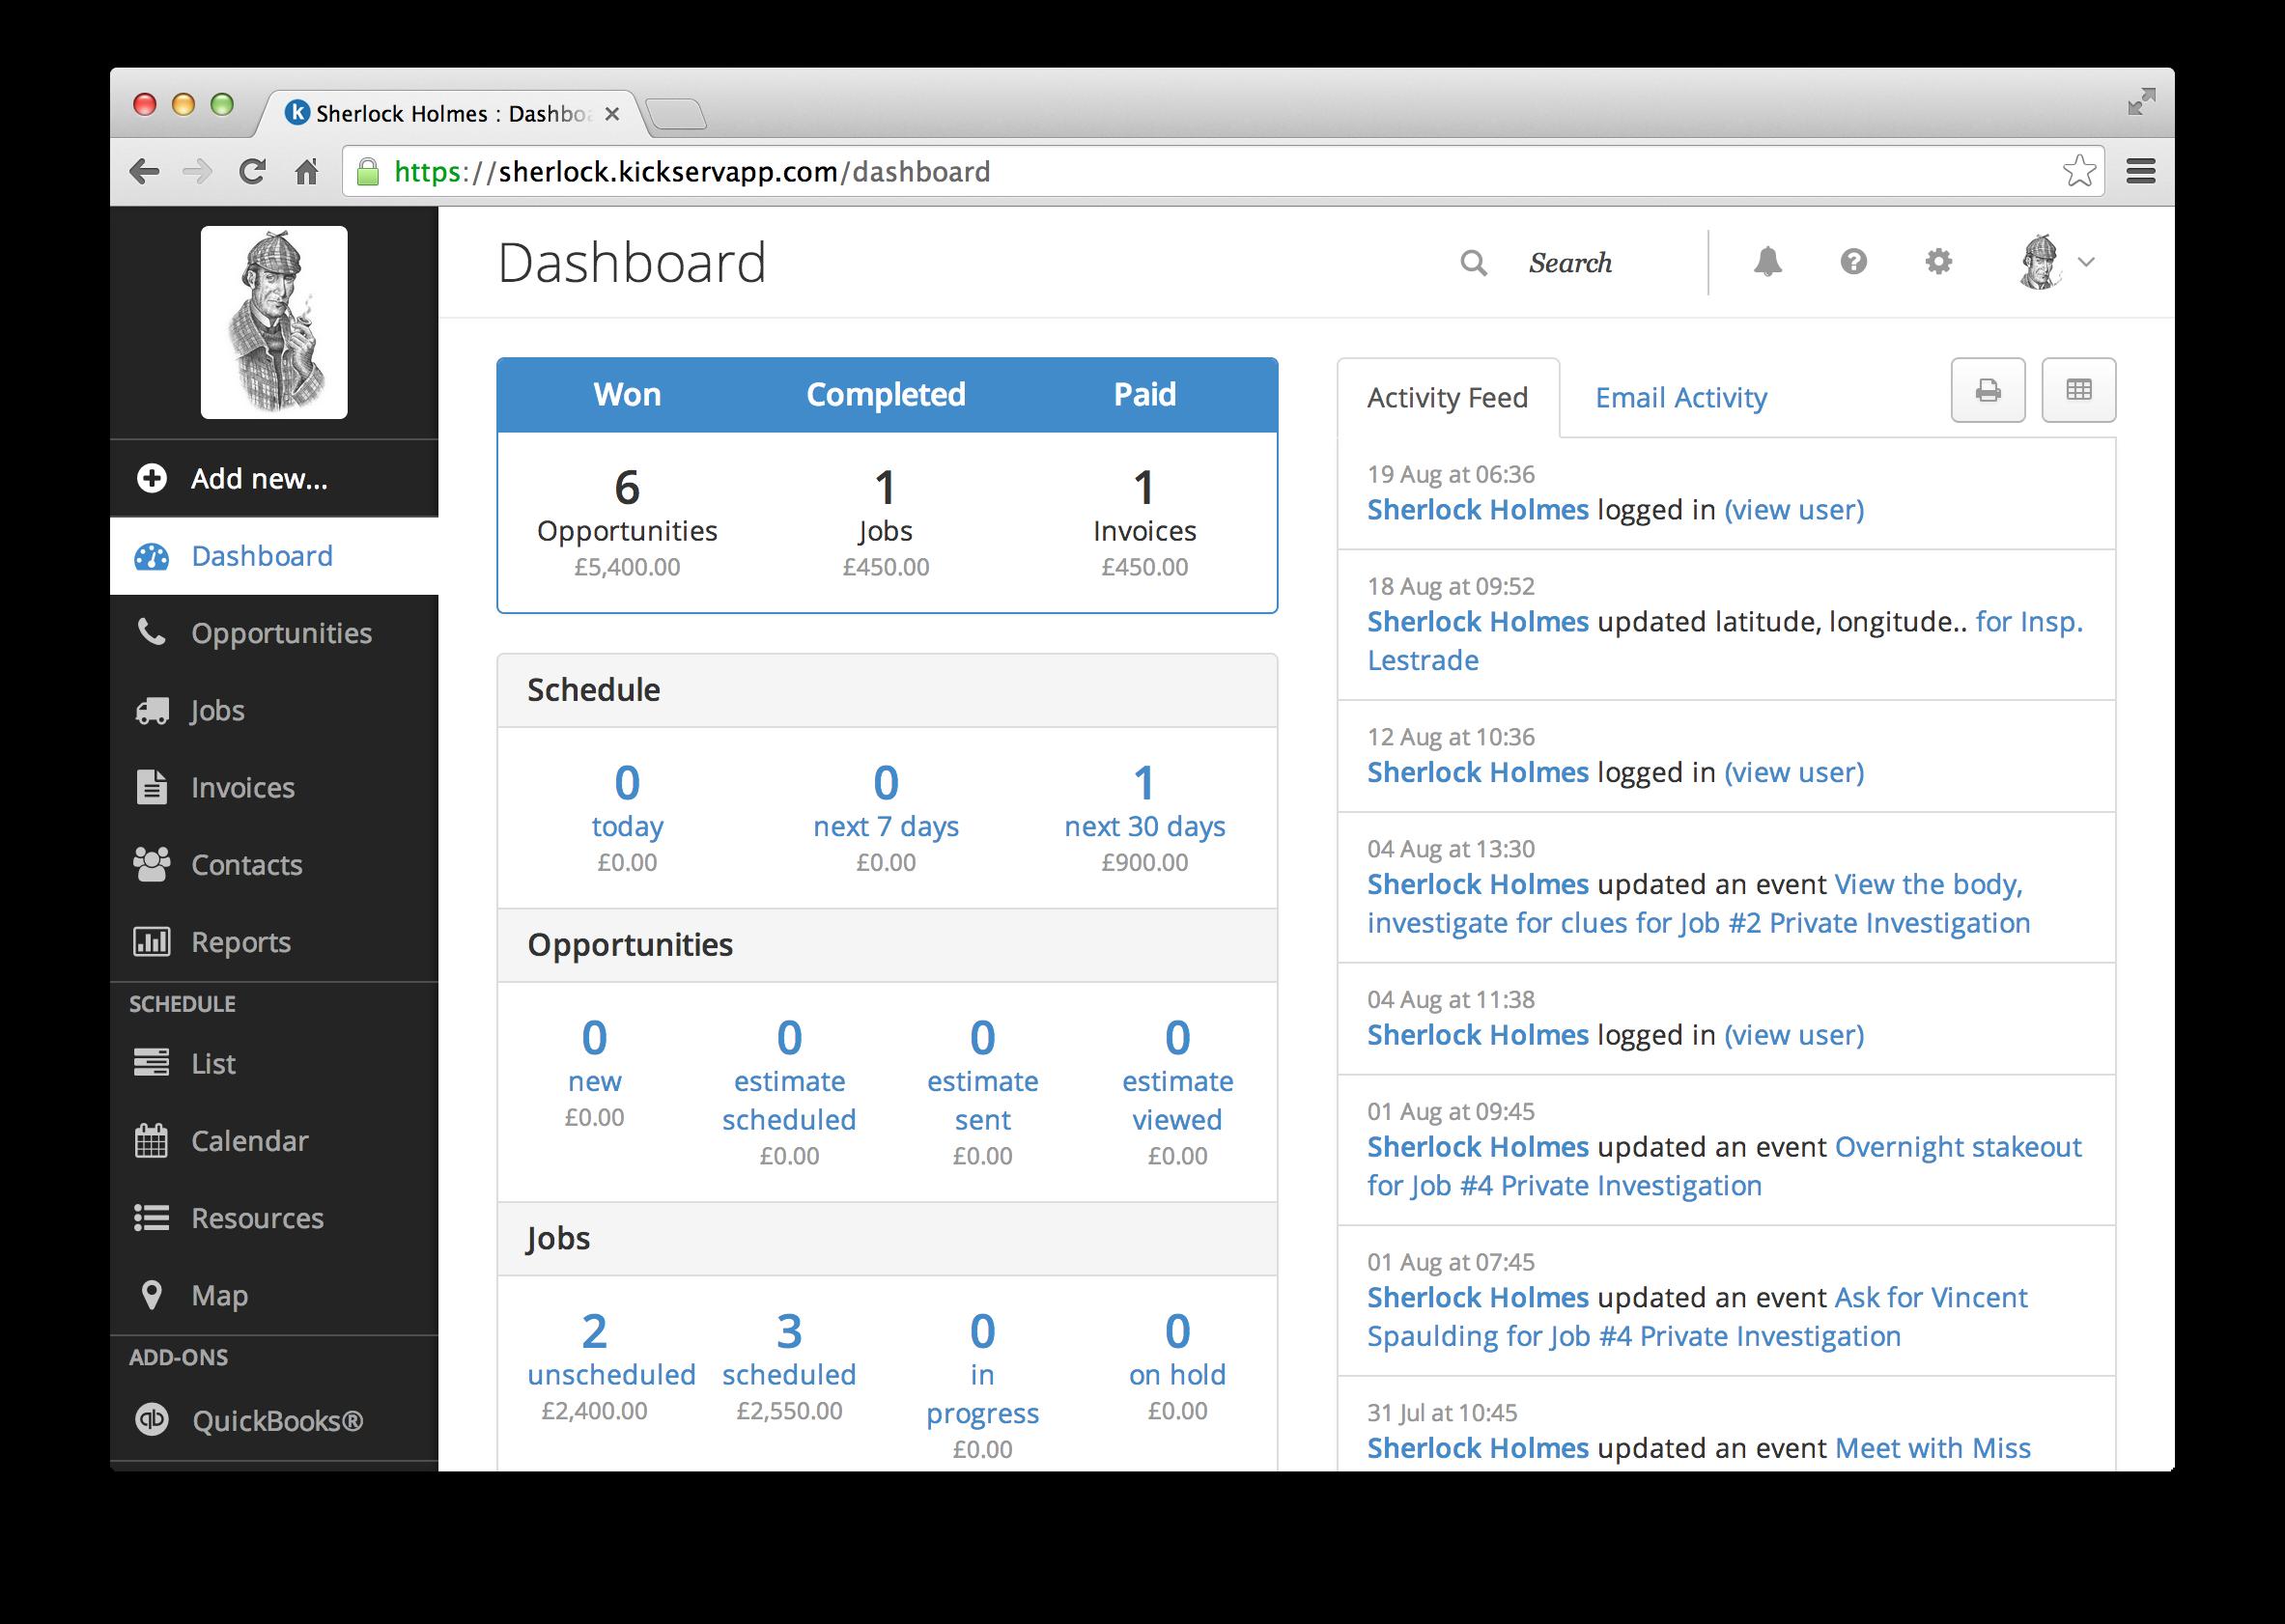 Kickserv screenshot: Dashboard